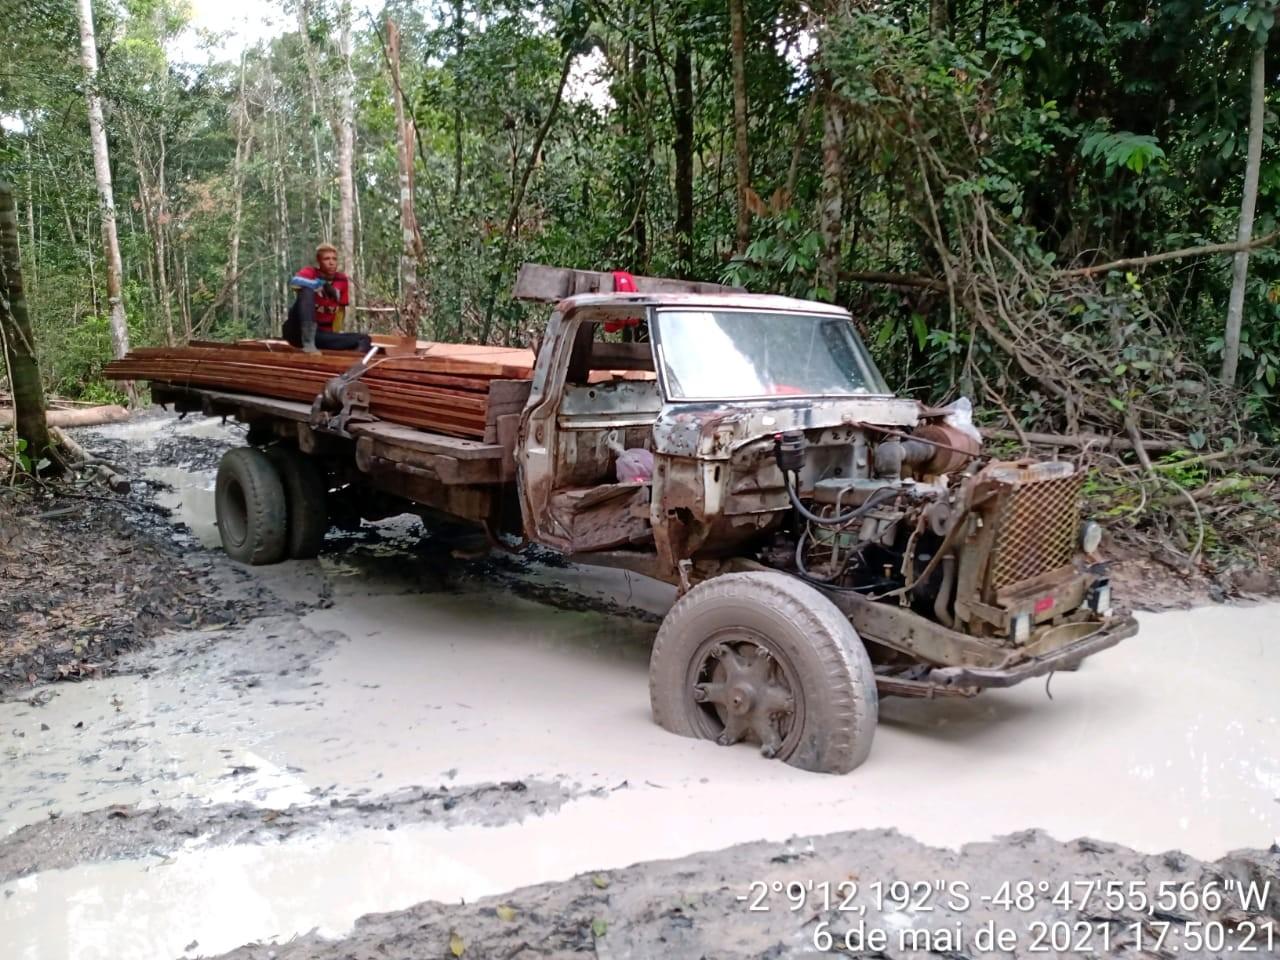 Operação apreende trator, caminhão com madeira ilegal e motosserra em área de mata invadida no Moju, PA